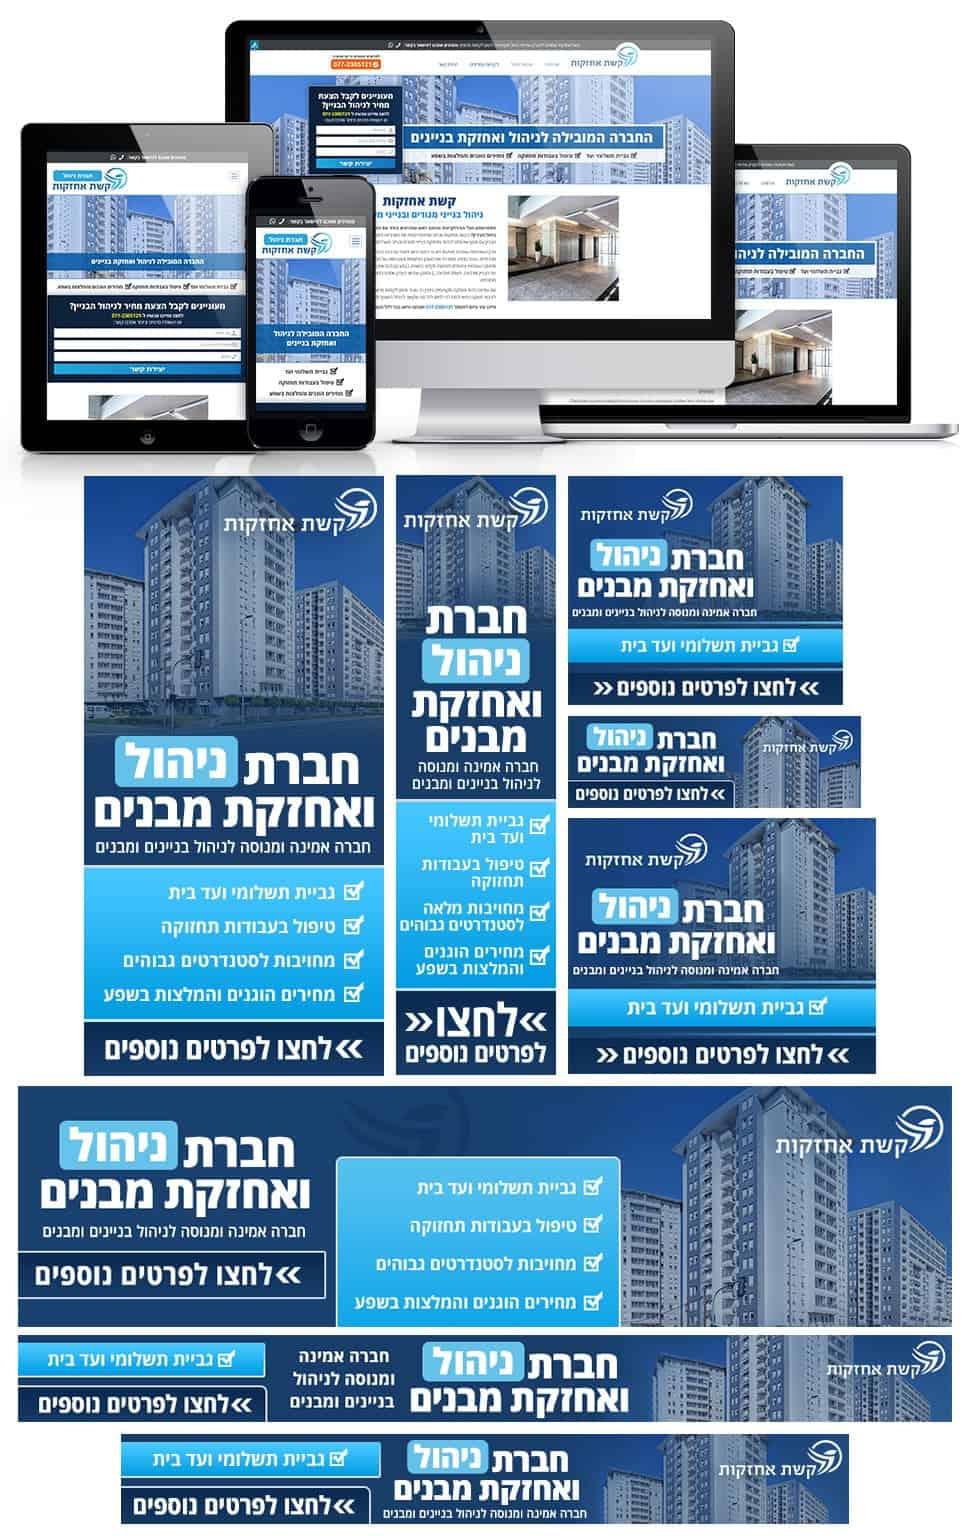 פרסום לעסק בתחום אחזקות מבנים